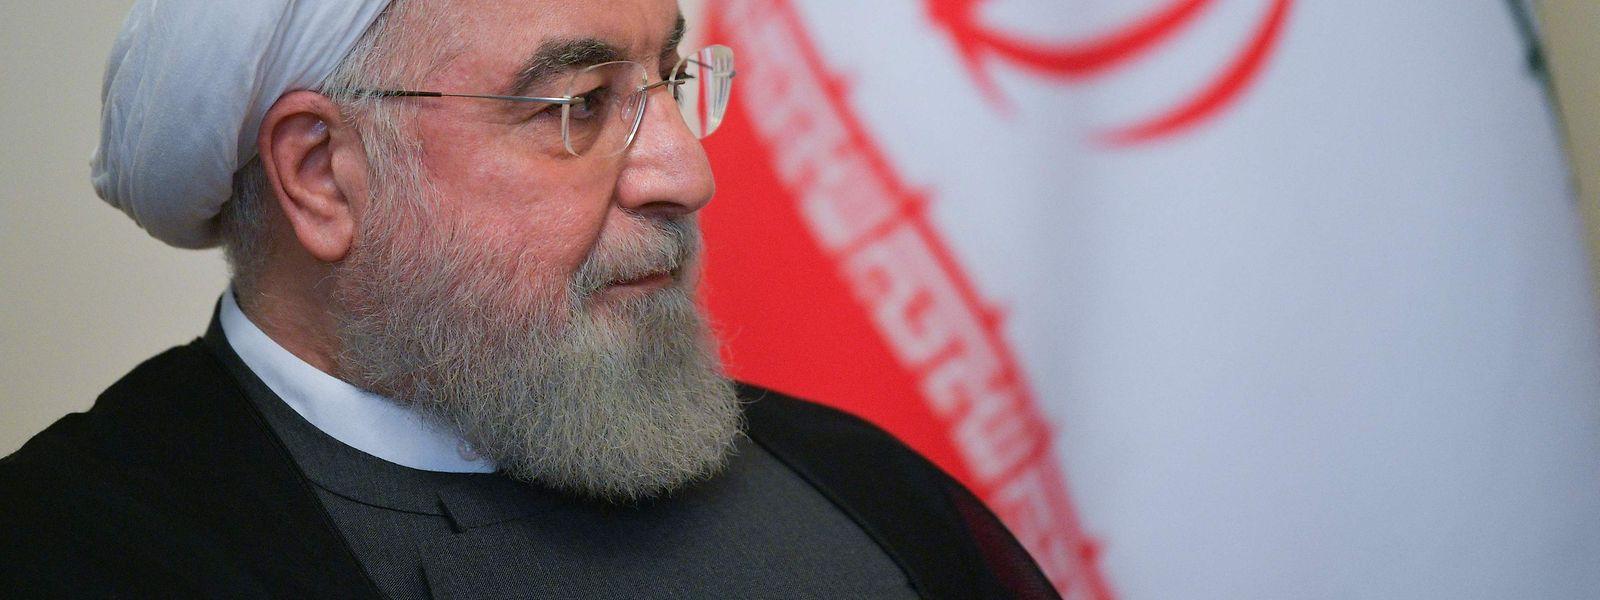 Der iranische Präsident Hassan Rouhani strebt eine Einigung mit den USA an.